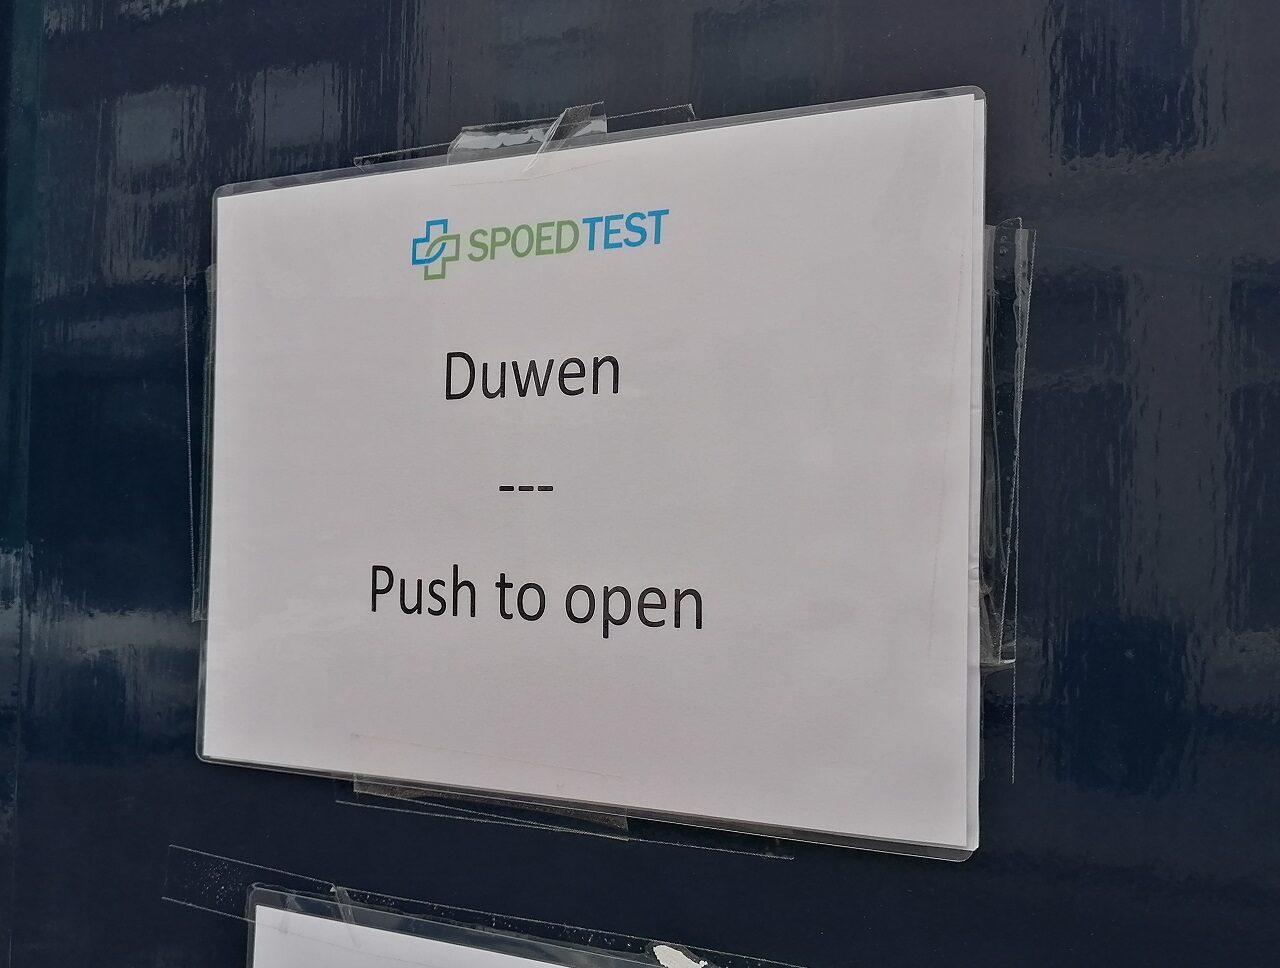 Spoedtest-pcr-test-reiscertificaat-nederland